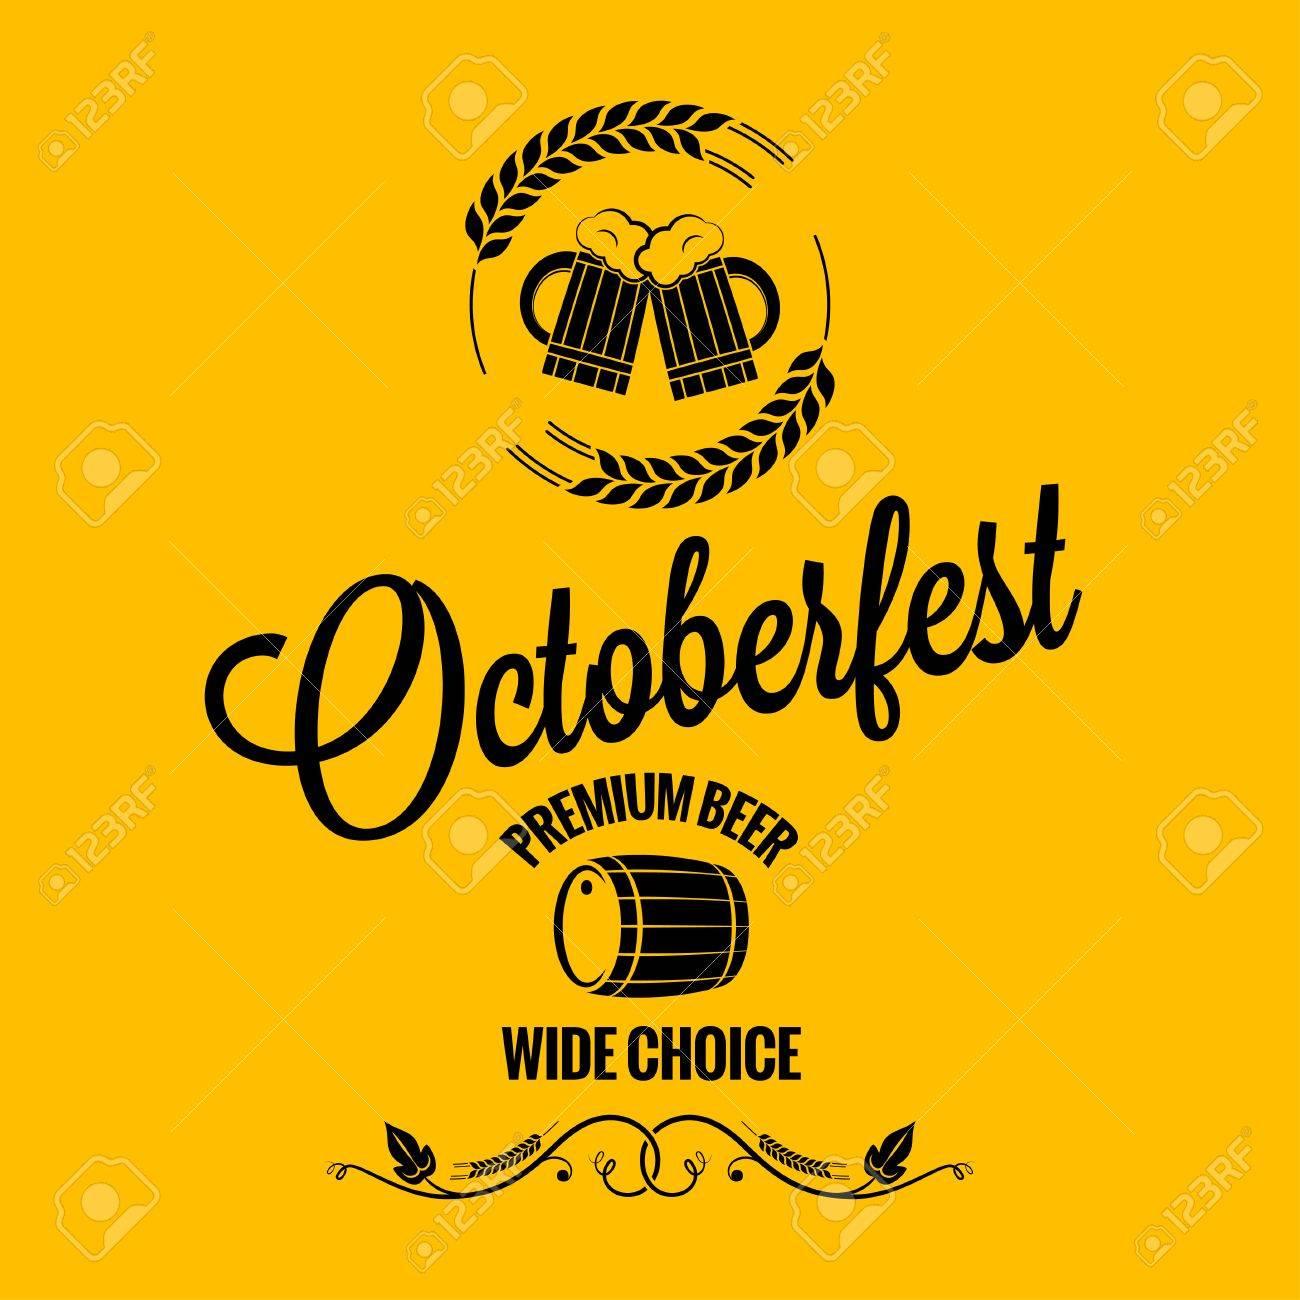 10 月祭ビール デザインの背景のイラスト素材 ベクタ Image